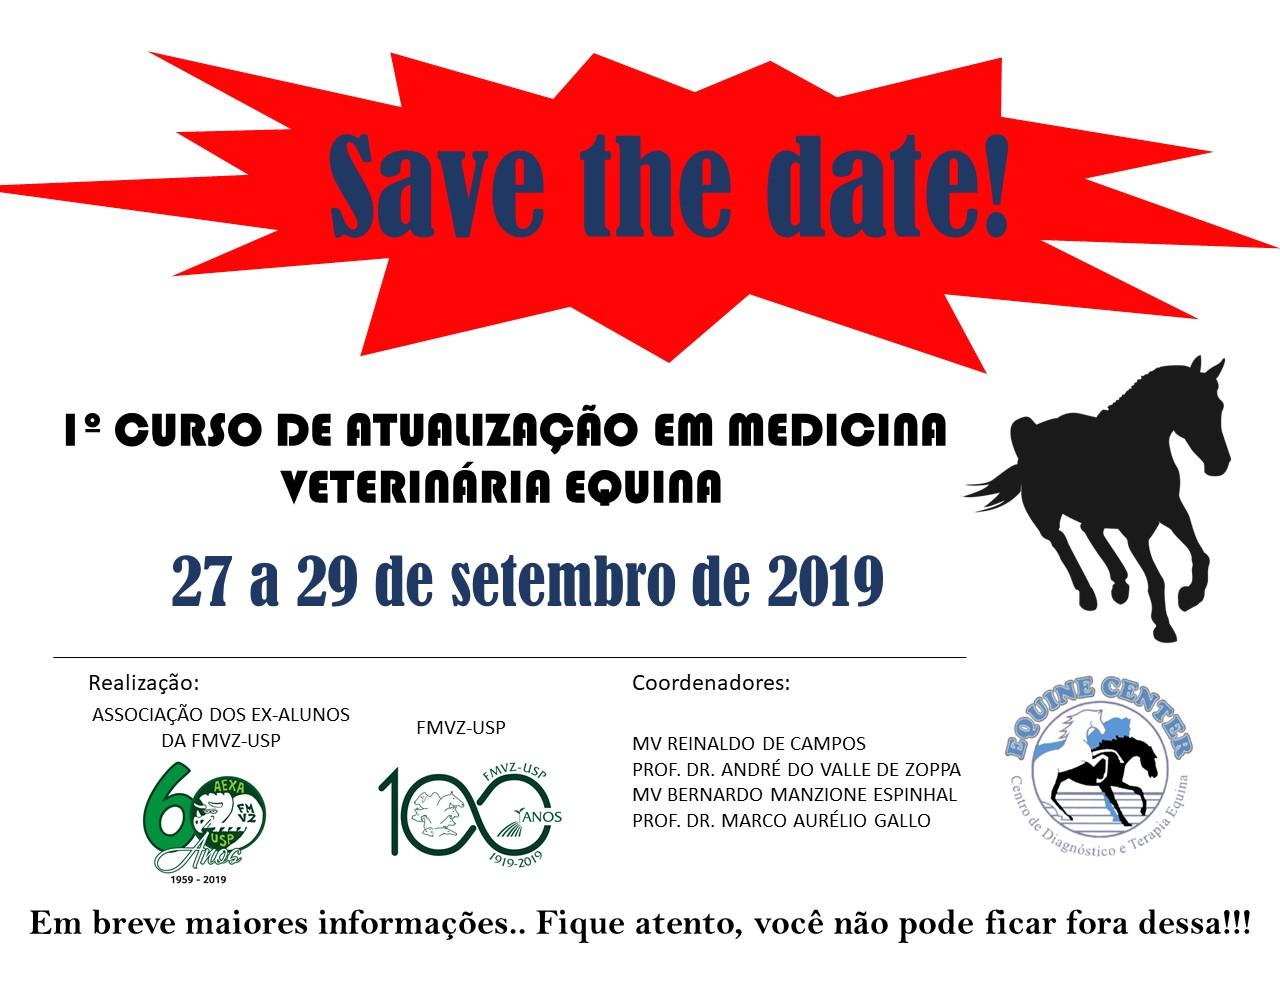 1º Curso de Atualização em Medicina Veterinária Equina (27 à 29 de setembro de 2019)